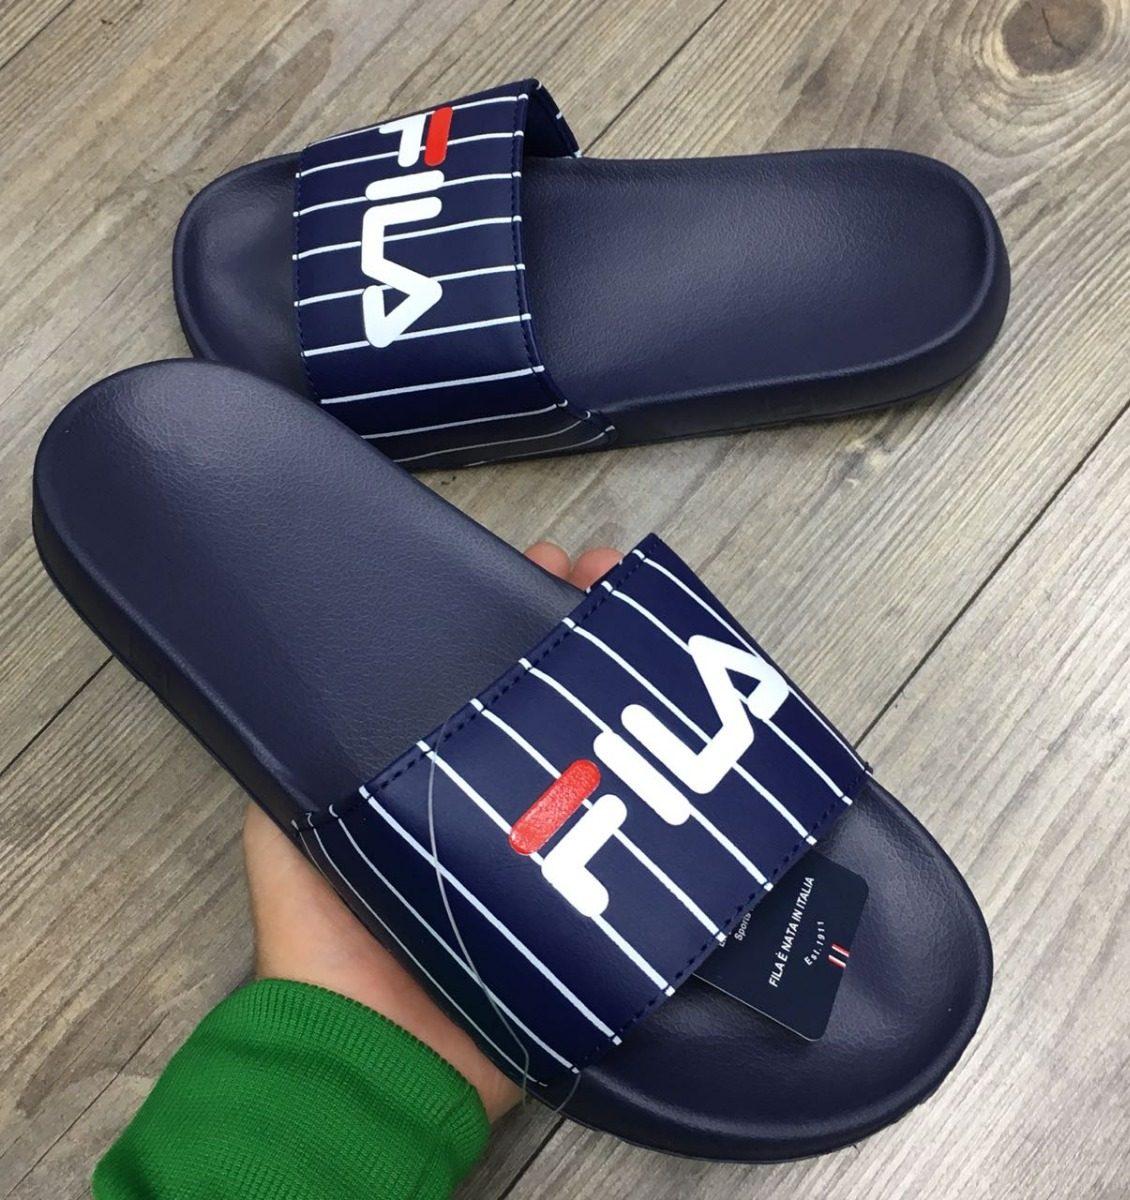 sandalias fila hombre